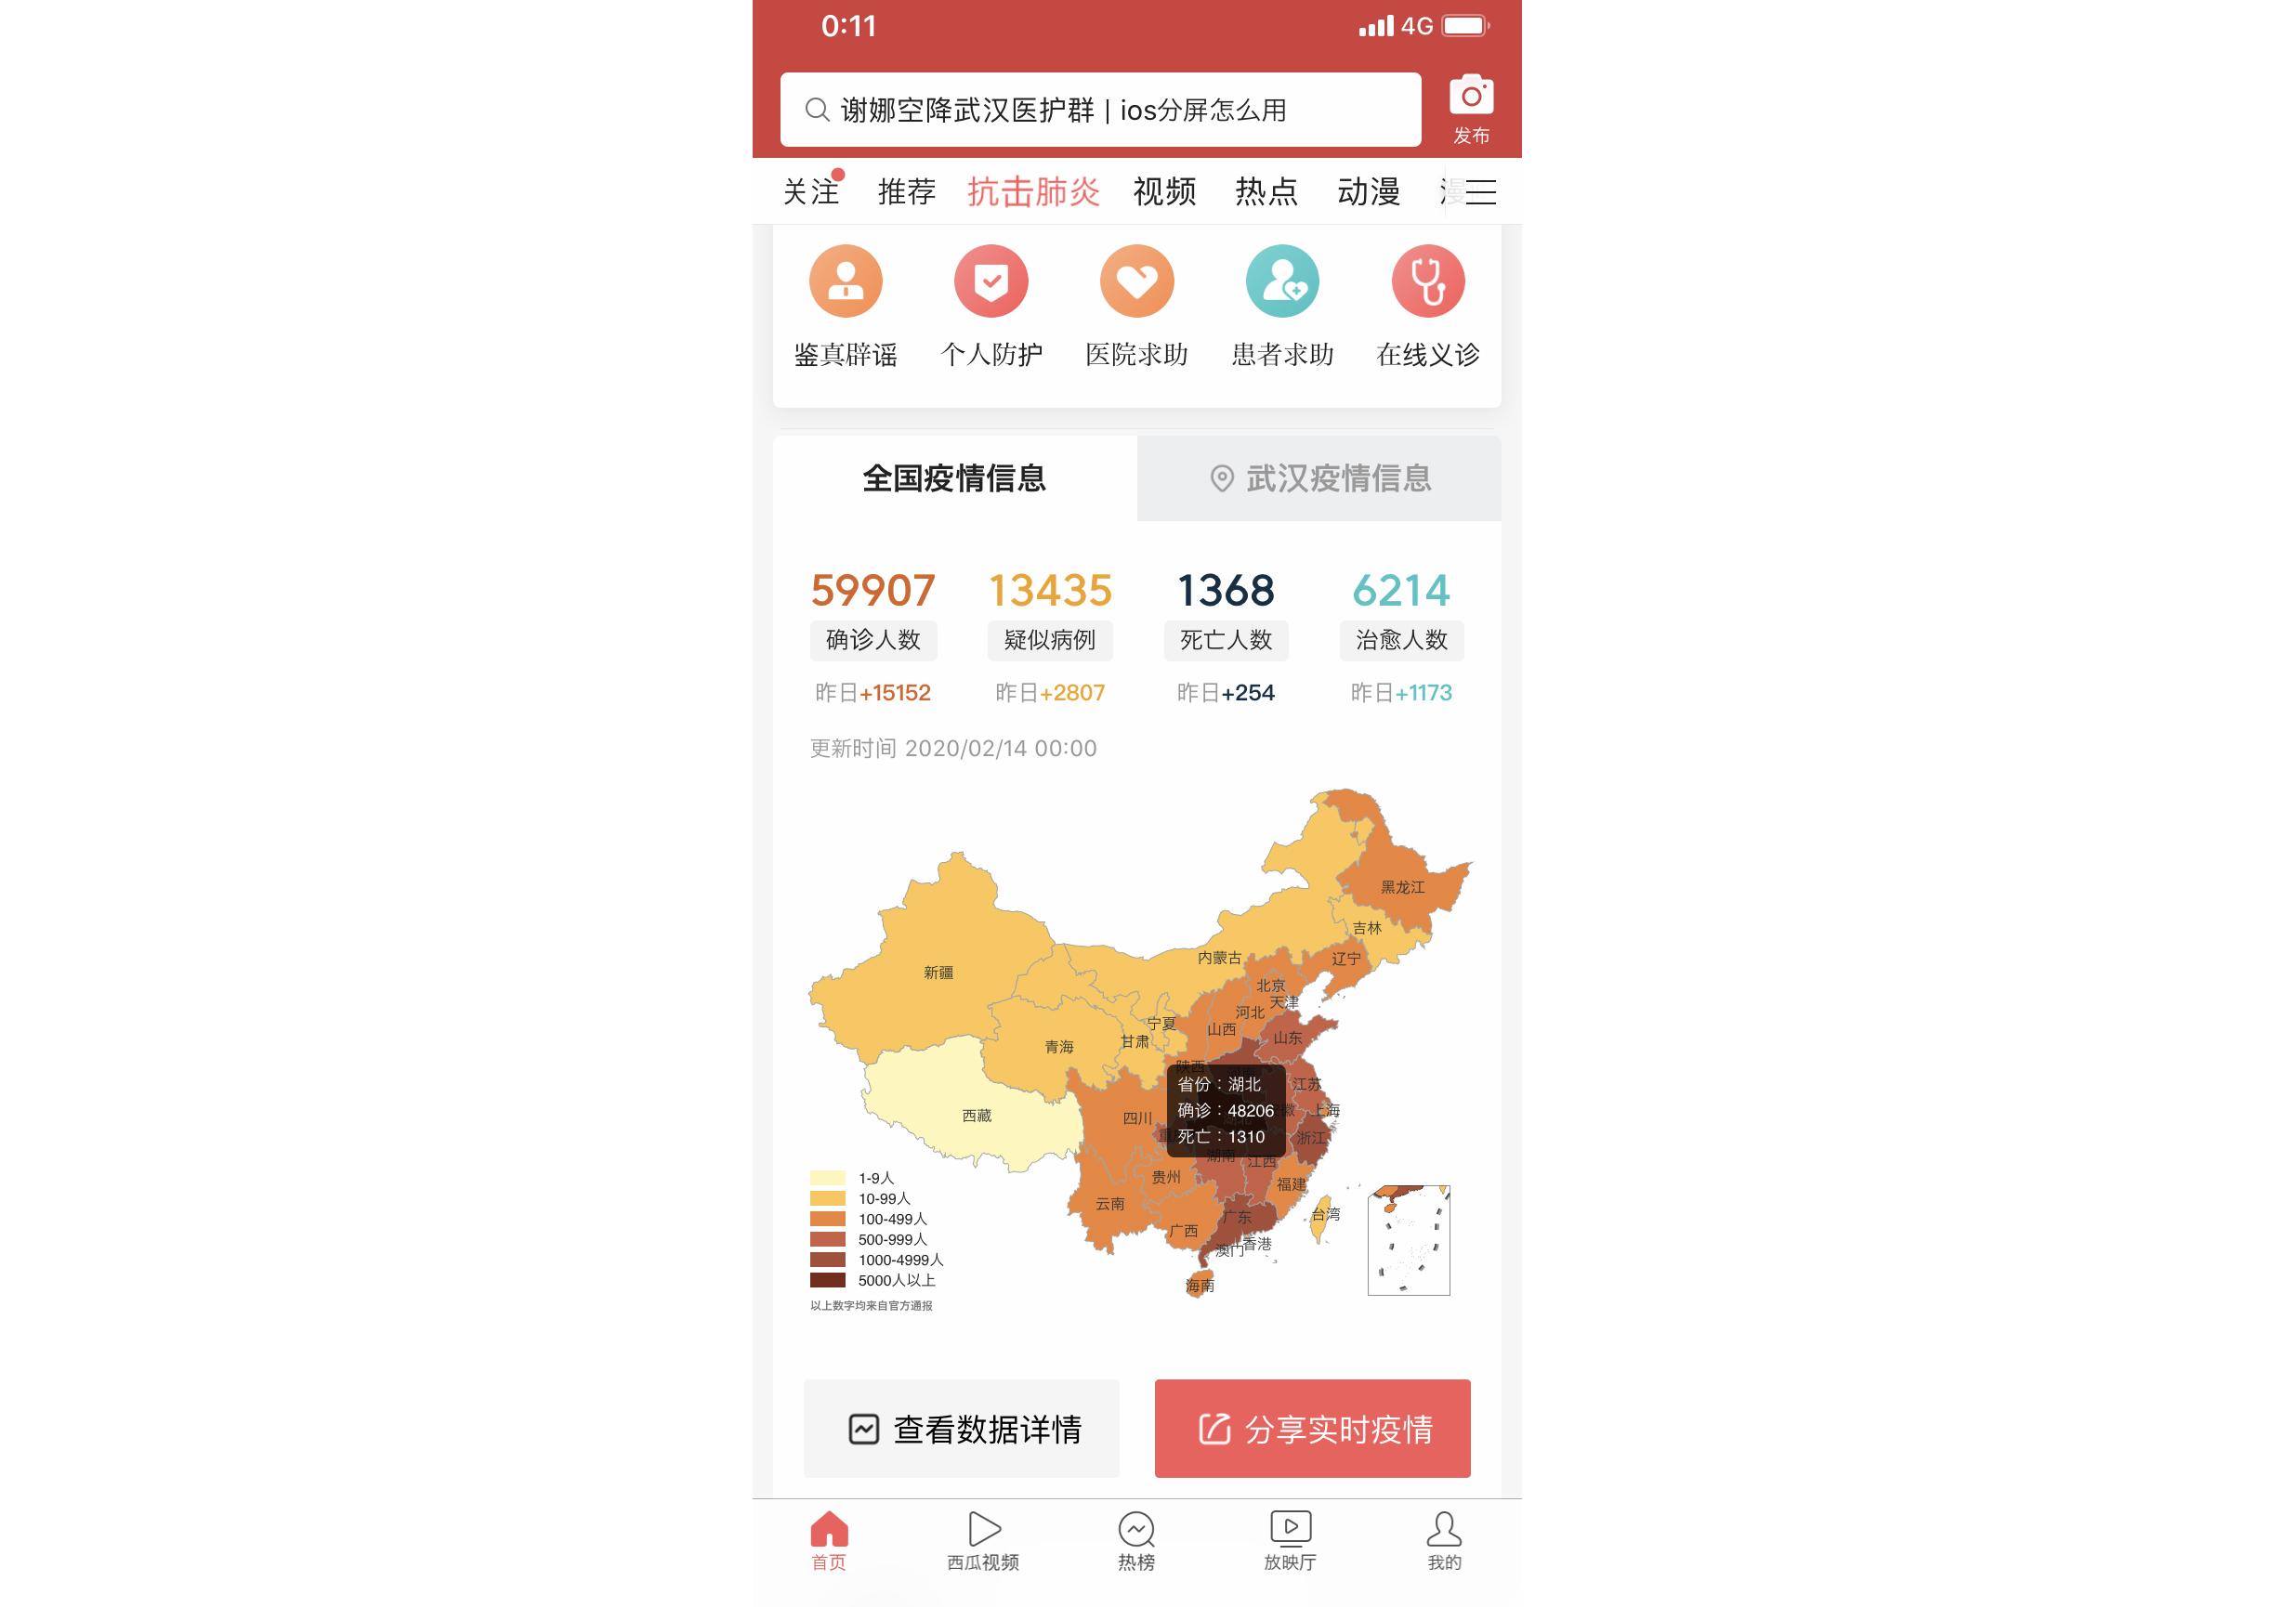 【完了】中国、新型肺炎まとめサイトが驚異的充実…感染者の人権無視、所在地や交通経路まで公開の画像5